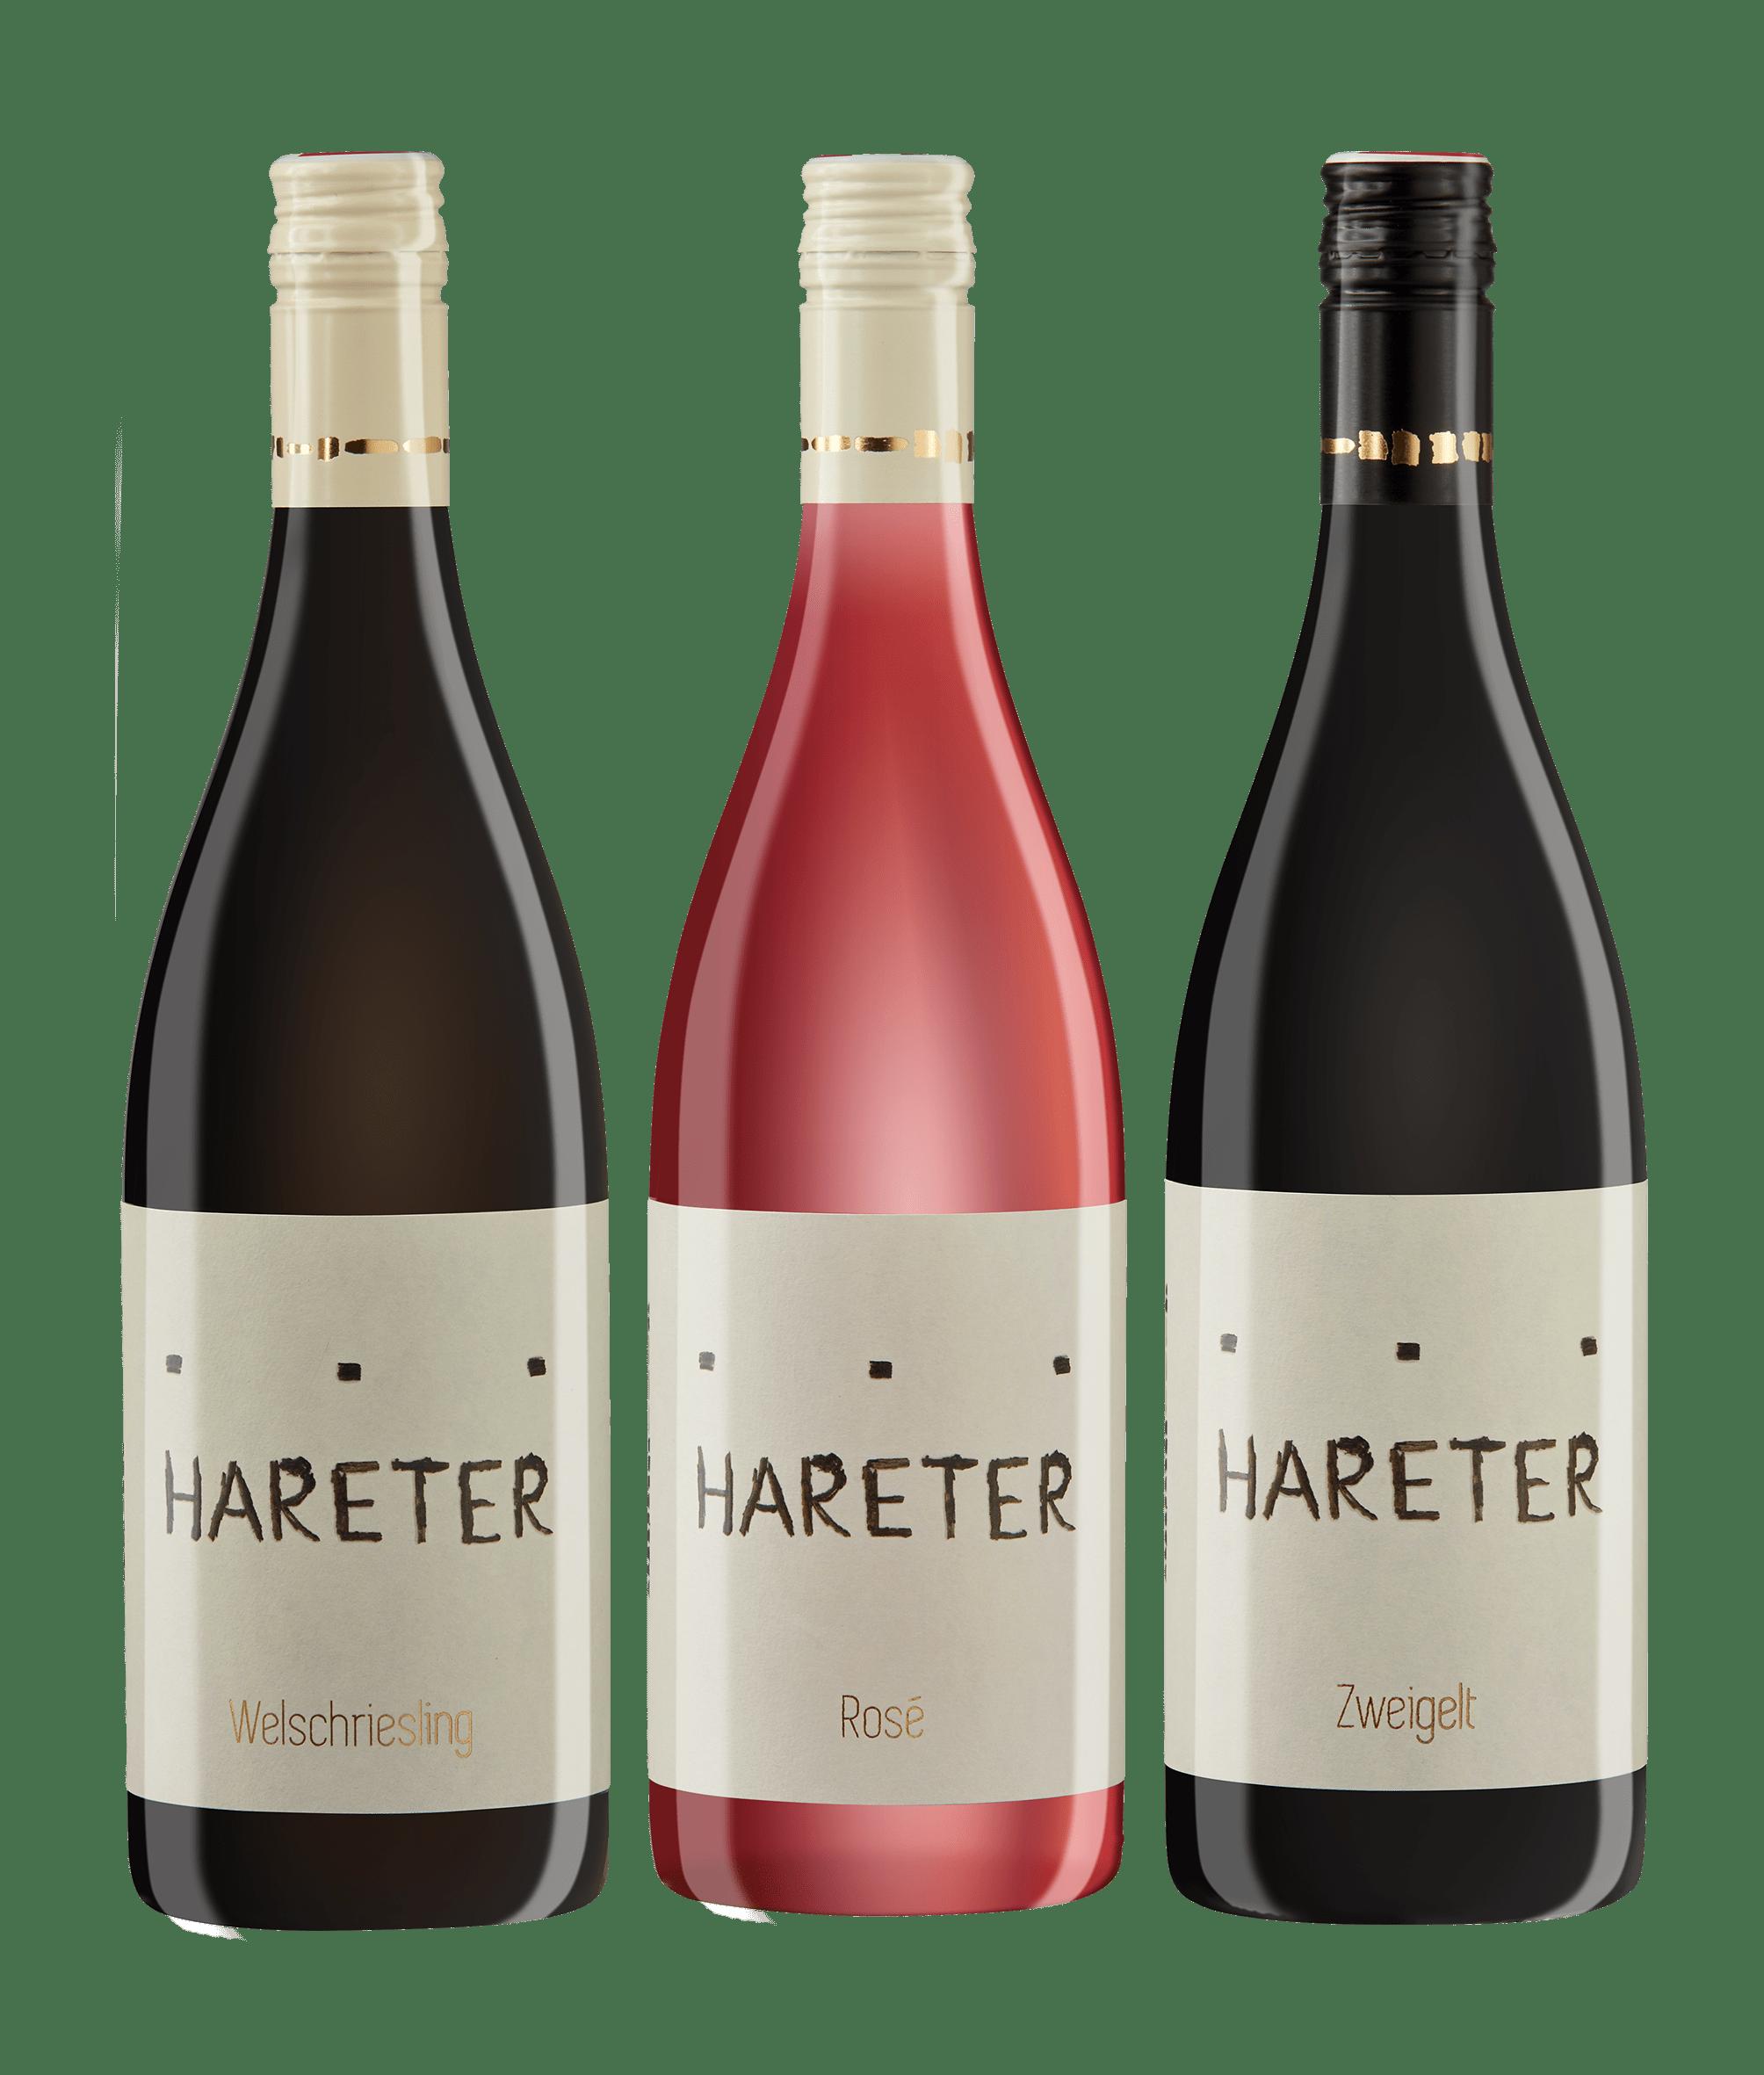 Wein_kaufen-Hareter_Thomas-Austria